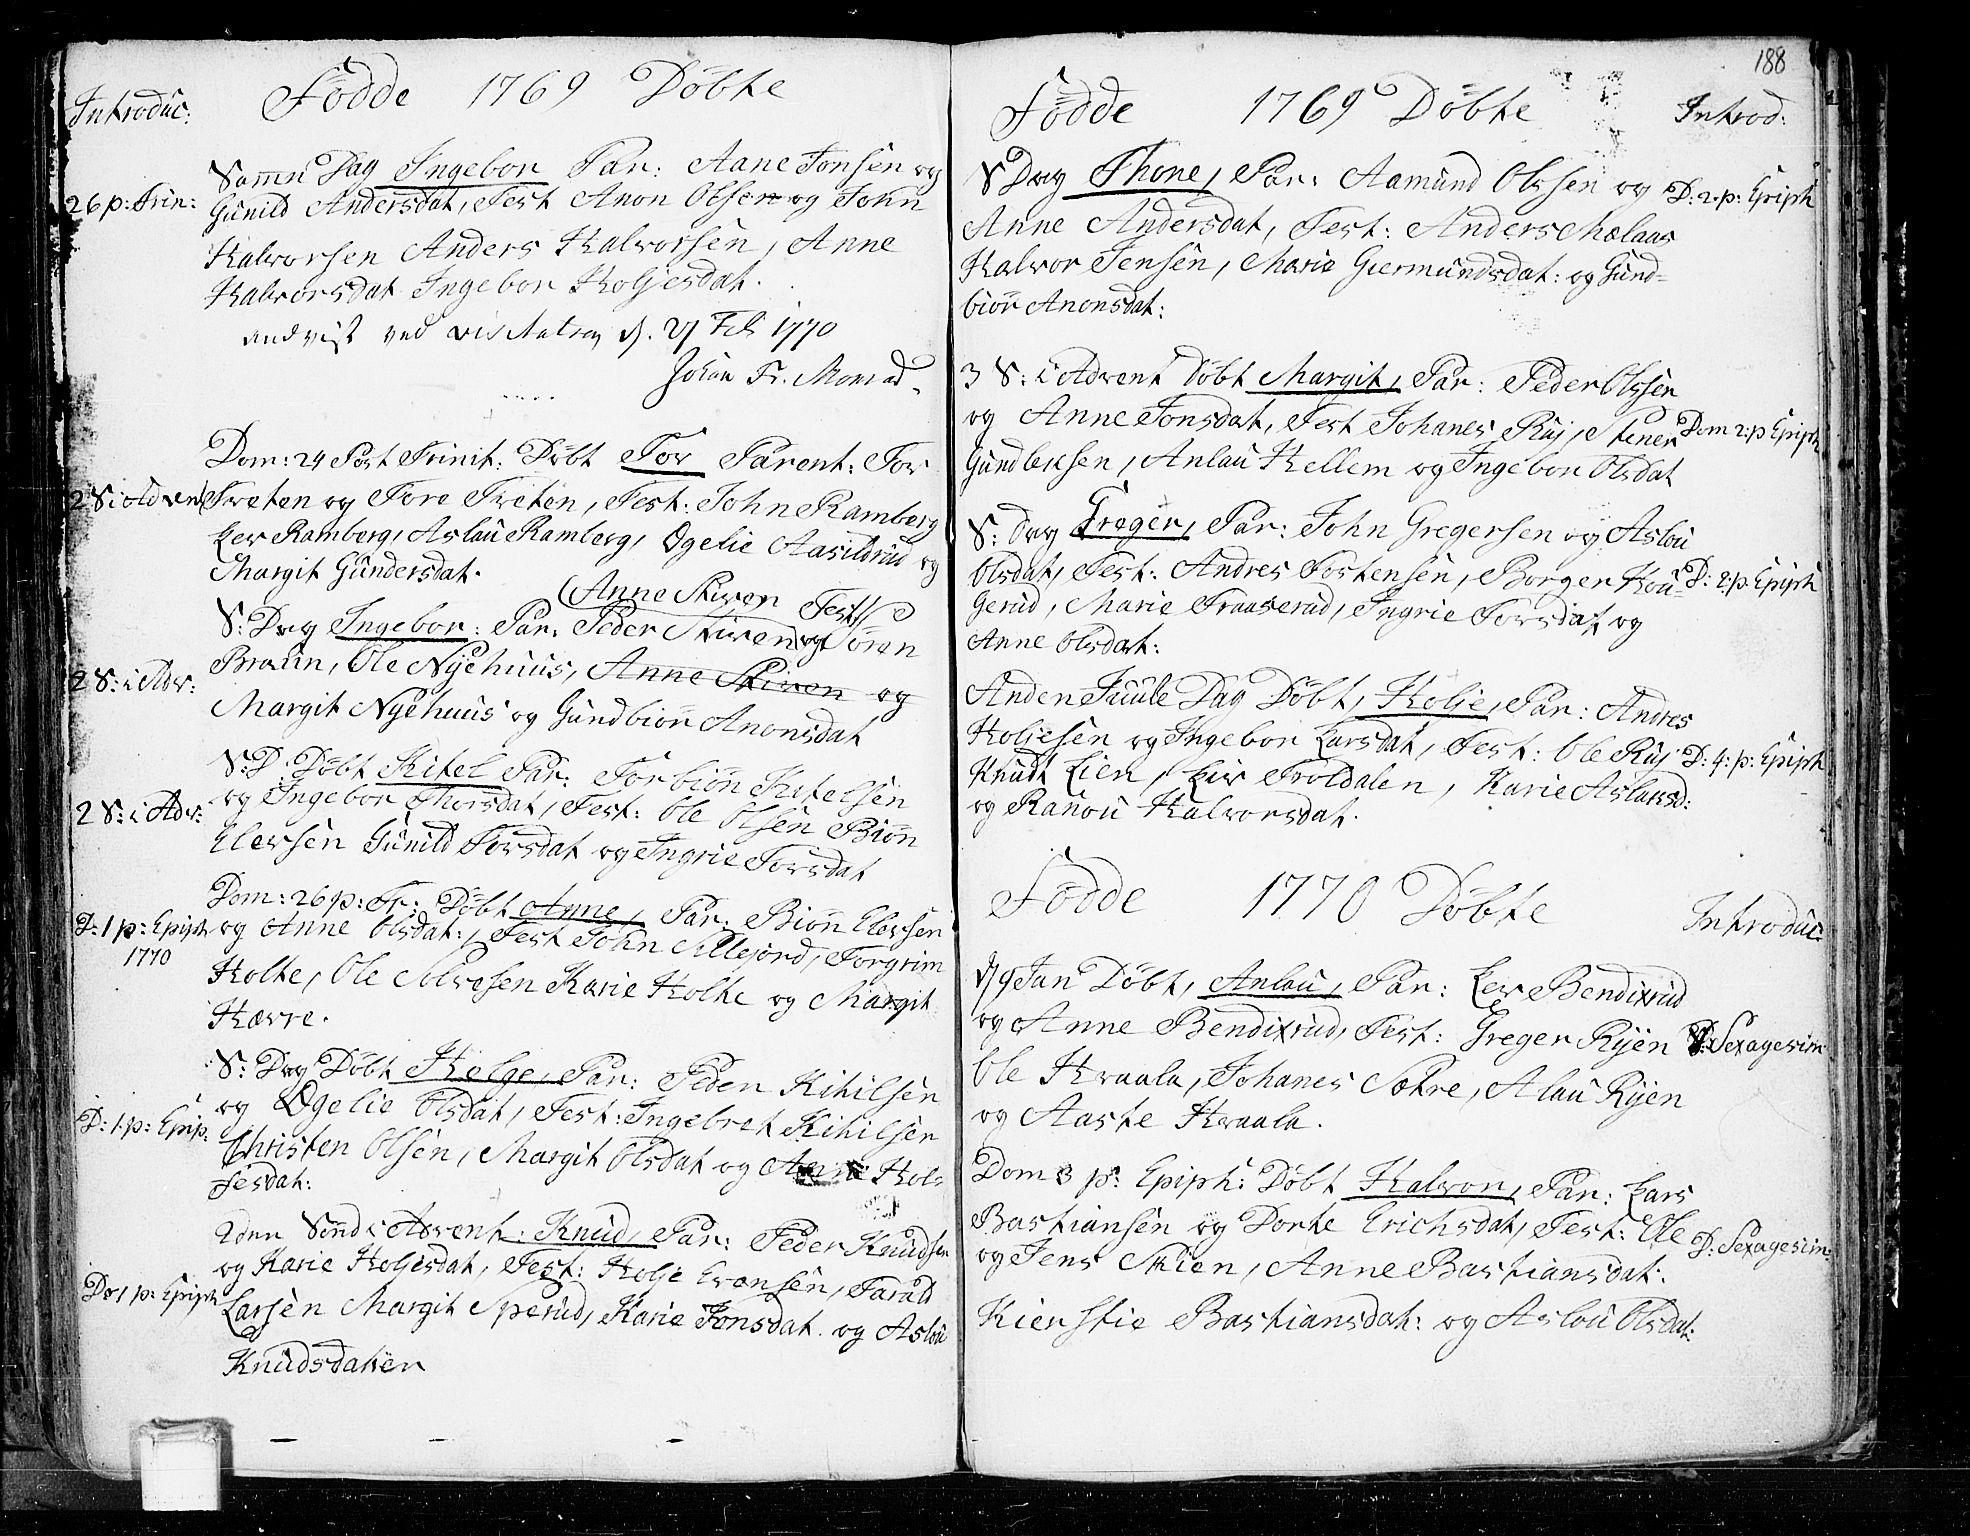 SAKO, Heddal kirkebøker, F/Fa/L0003: Ministerialbok nr. I 3, 1723-1783, s. 188